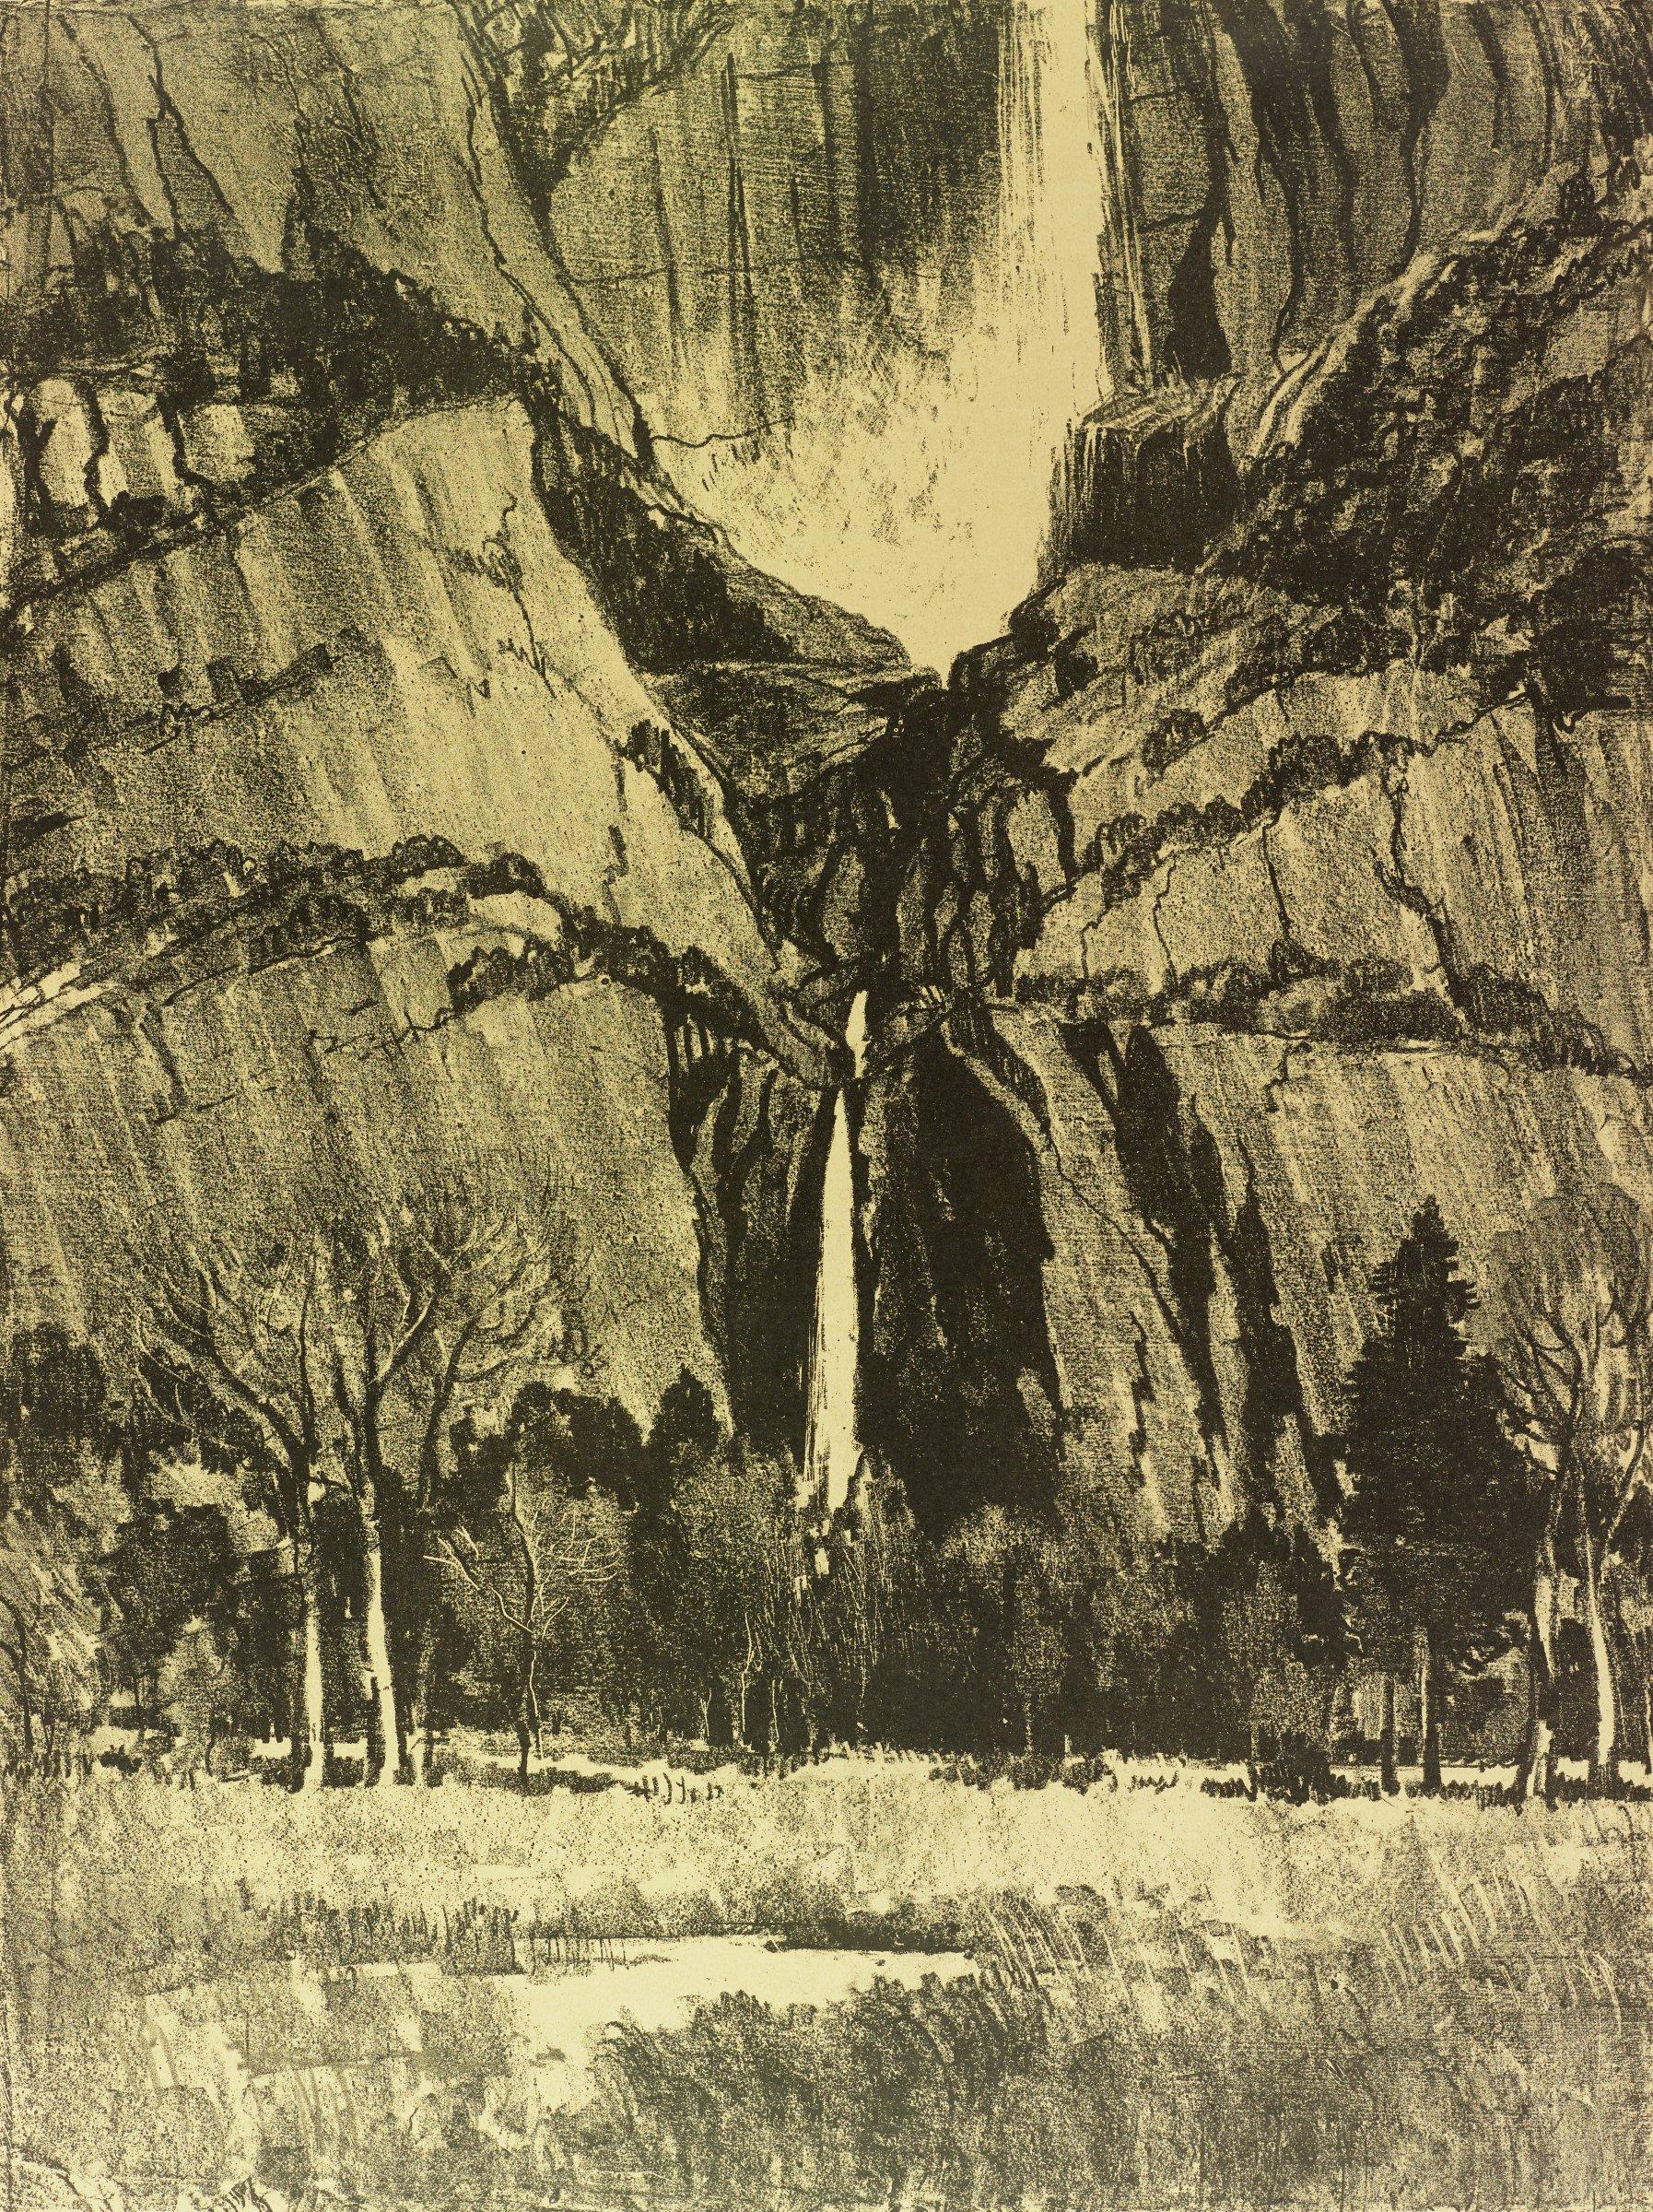 Lower Falls, Yosemite, Joseph Pennell, lithograph